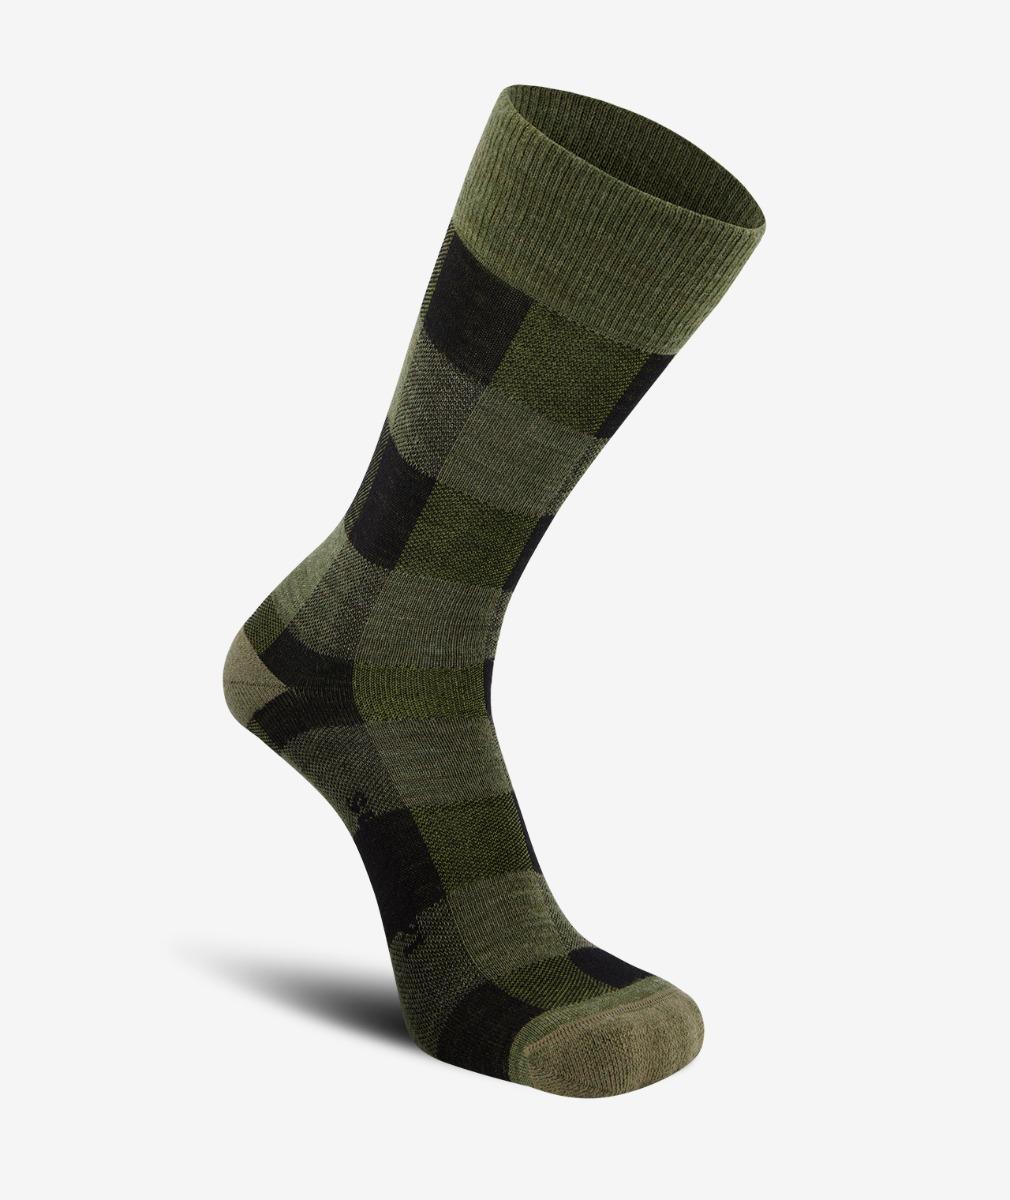 Swanndri Colombo Check Merino Sock in Olive Check